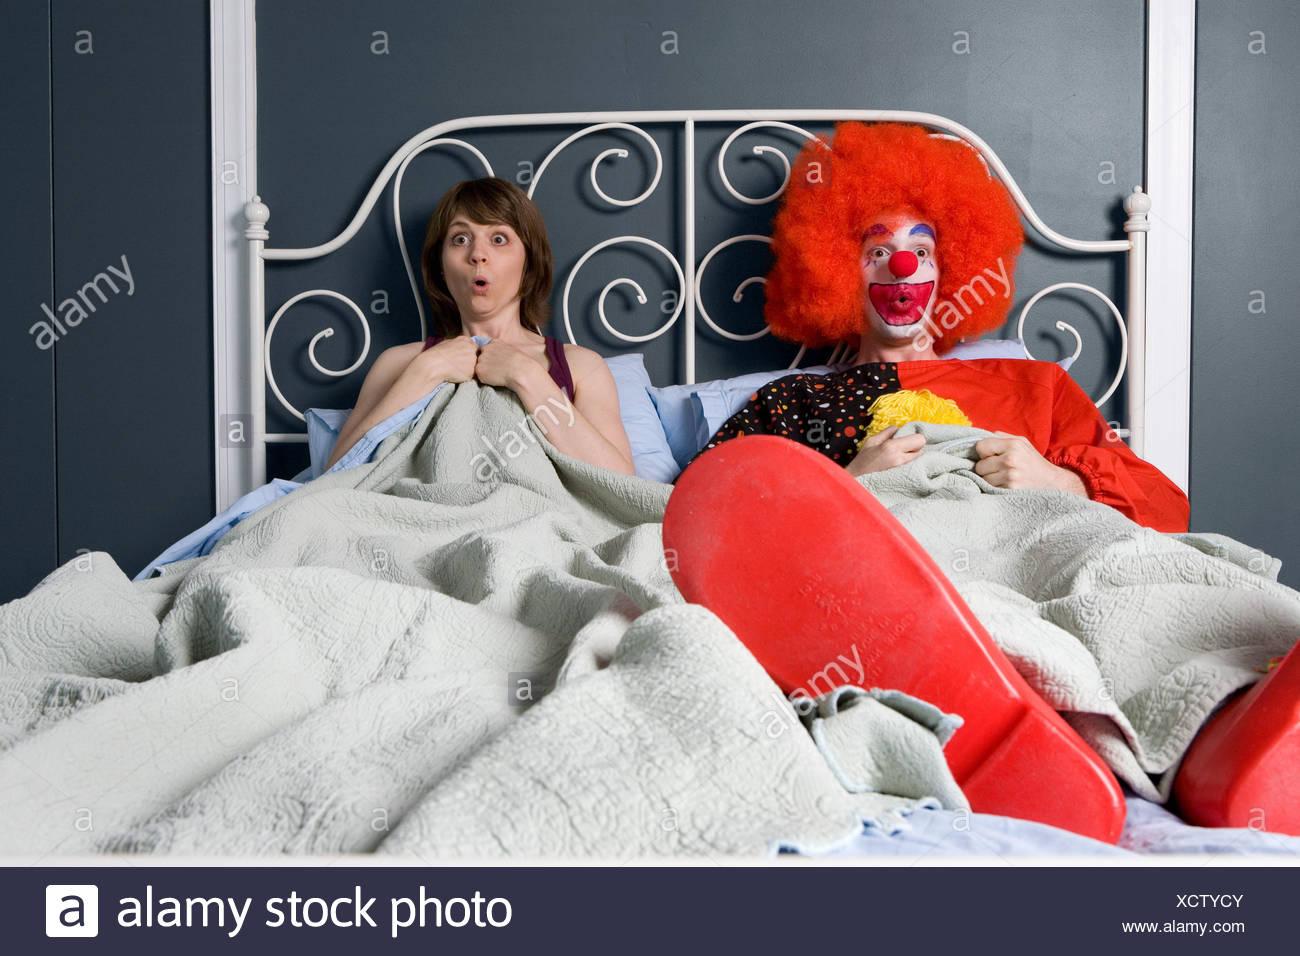 Payaso y mujer sorprendida al encontrarse en la cama juntos Imagen De Stock